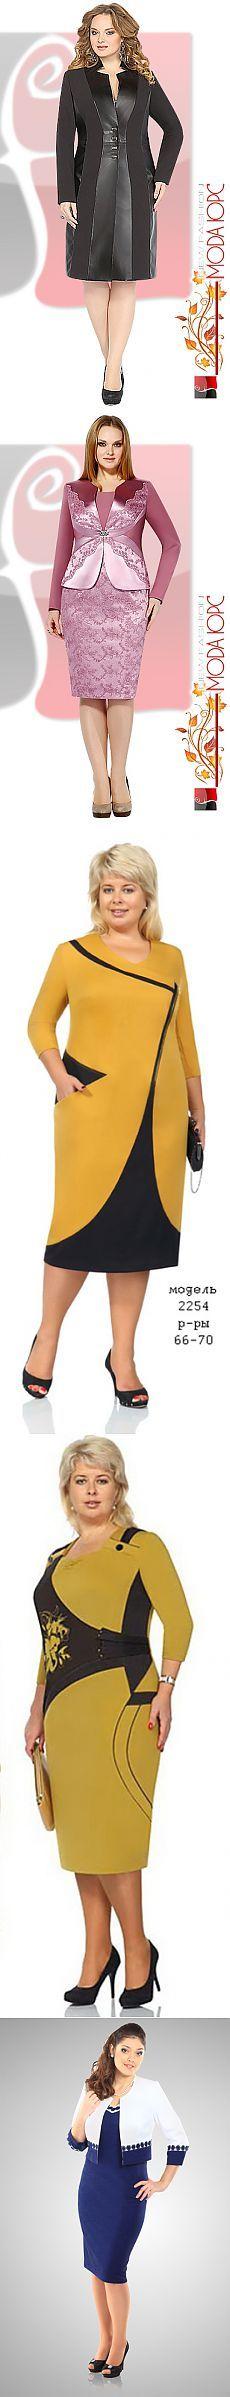 ПОДБОРОЧКА МОДЕЛЕЙ ДЛЯ ШИКАРНОЙ ЖЕНЩИНЫ..    http://lada.sells.com.ua/moda-yurs-pod-zakaz/c45/2 - по этой ссылке можно перейти на страницу заказов этих моделей одежды. Буду рада если это кому-то поможет..